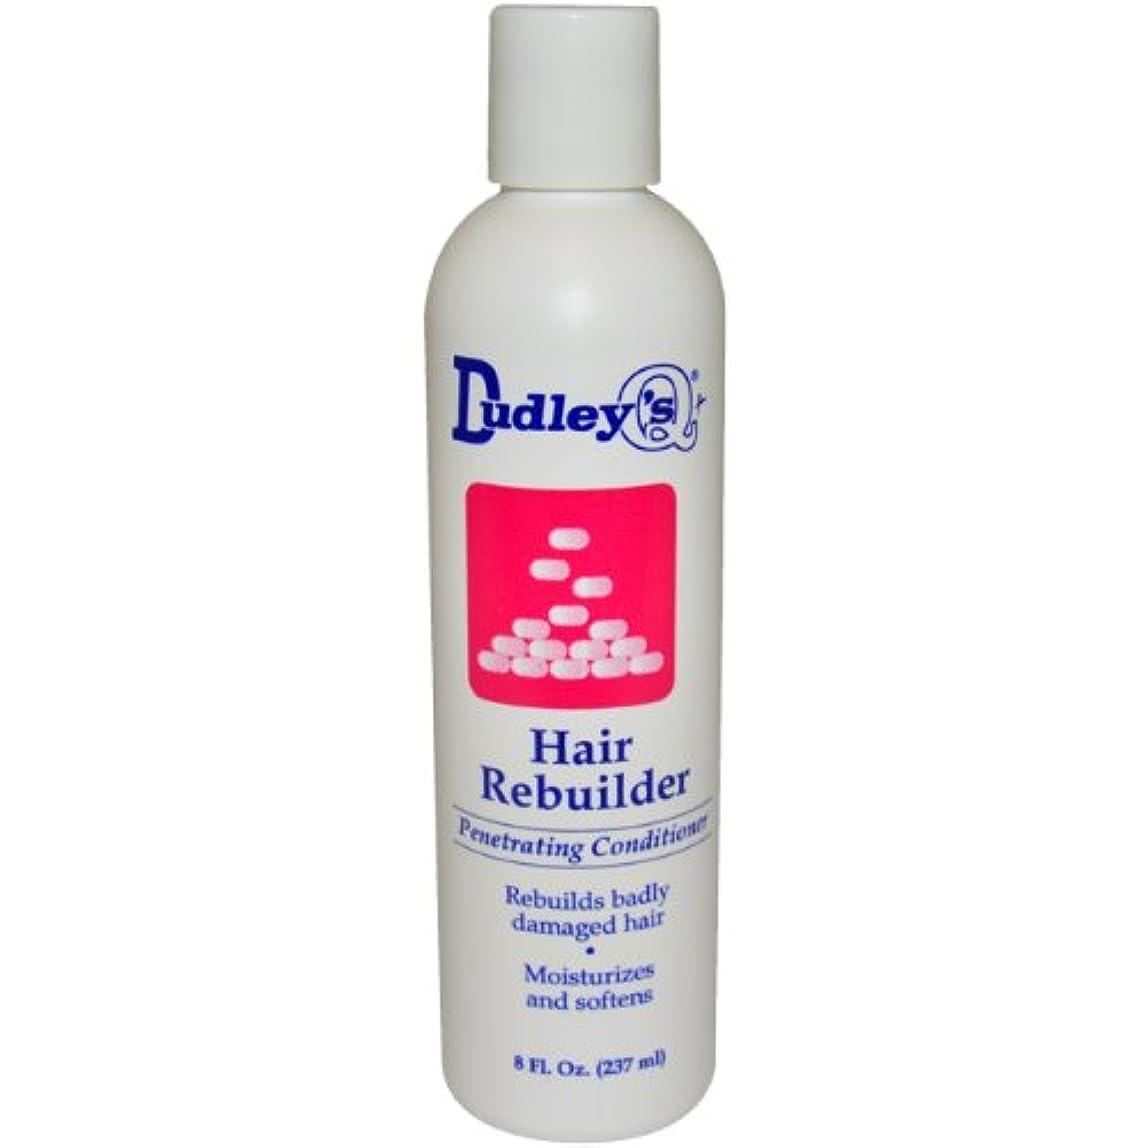 本気平手打ち敵意Dudley's 髪の再建浸透性ユニセックスコンディショナー、8オンス 小さい 白